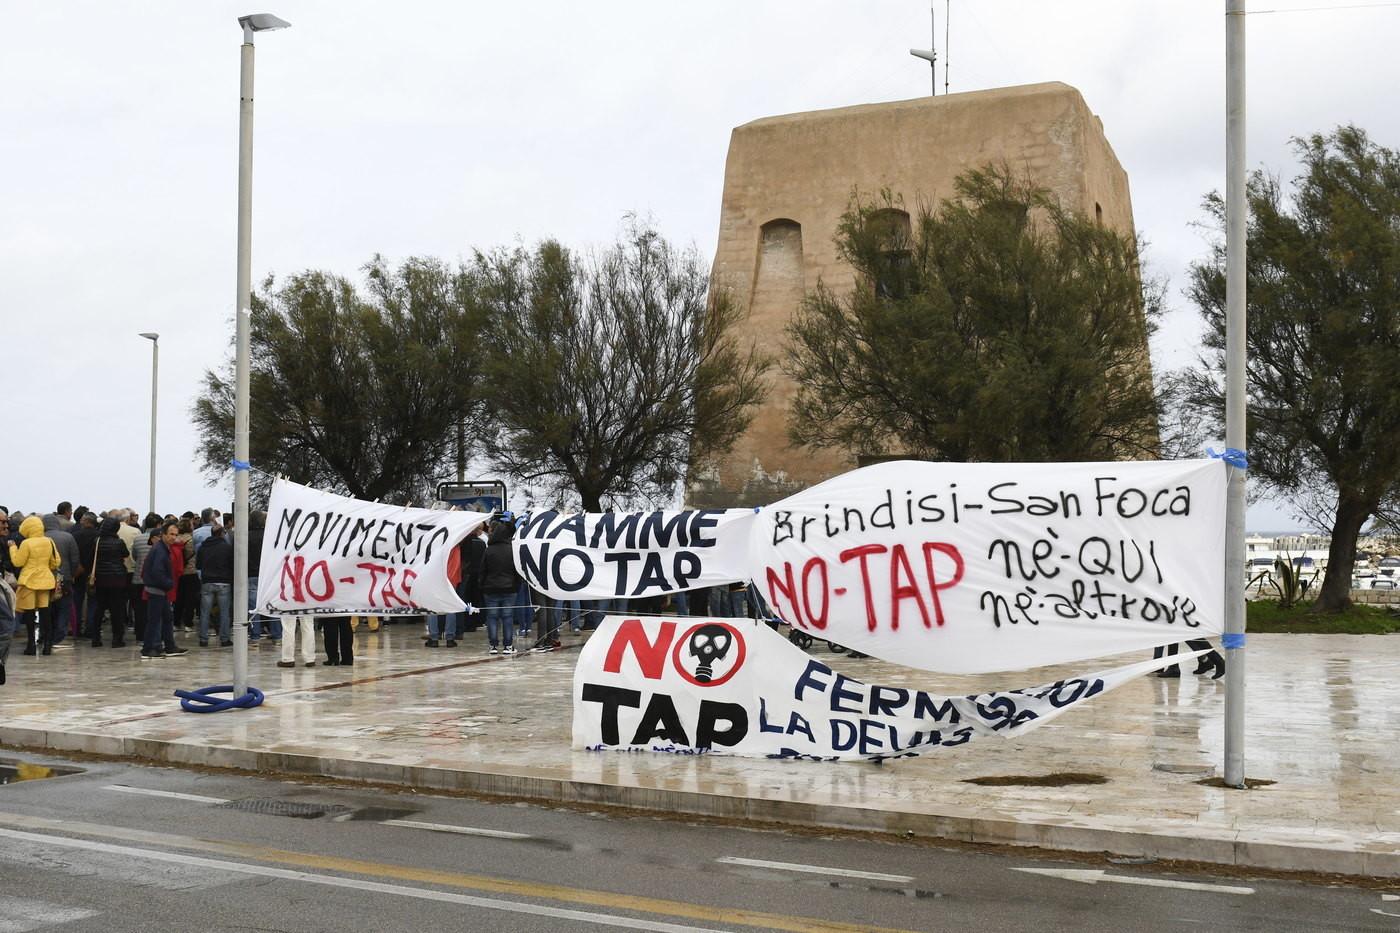 Tap, la protesta degli attivisti in Salento: bruciate le bandiere M5s